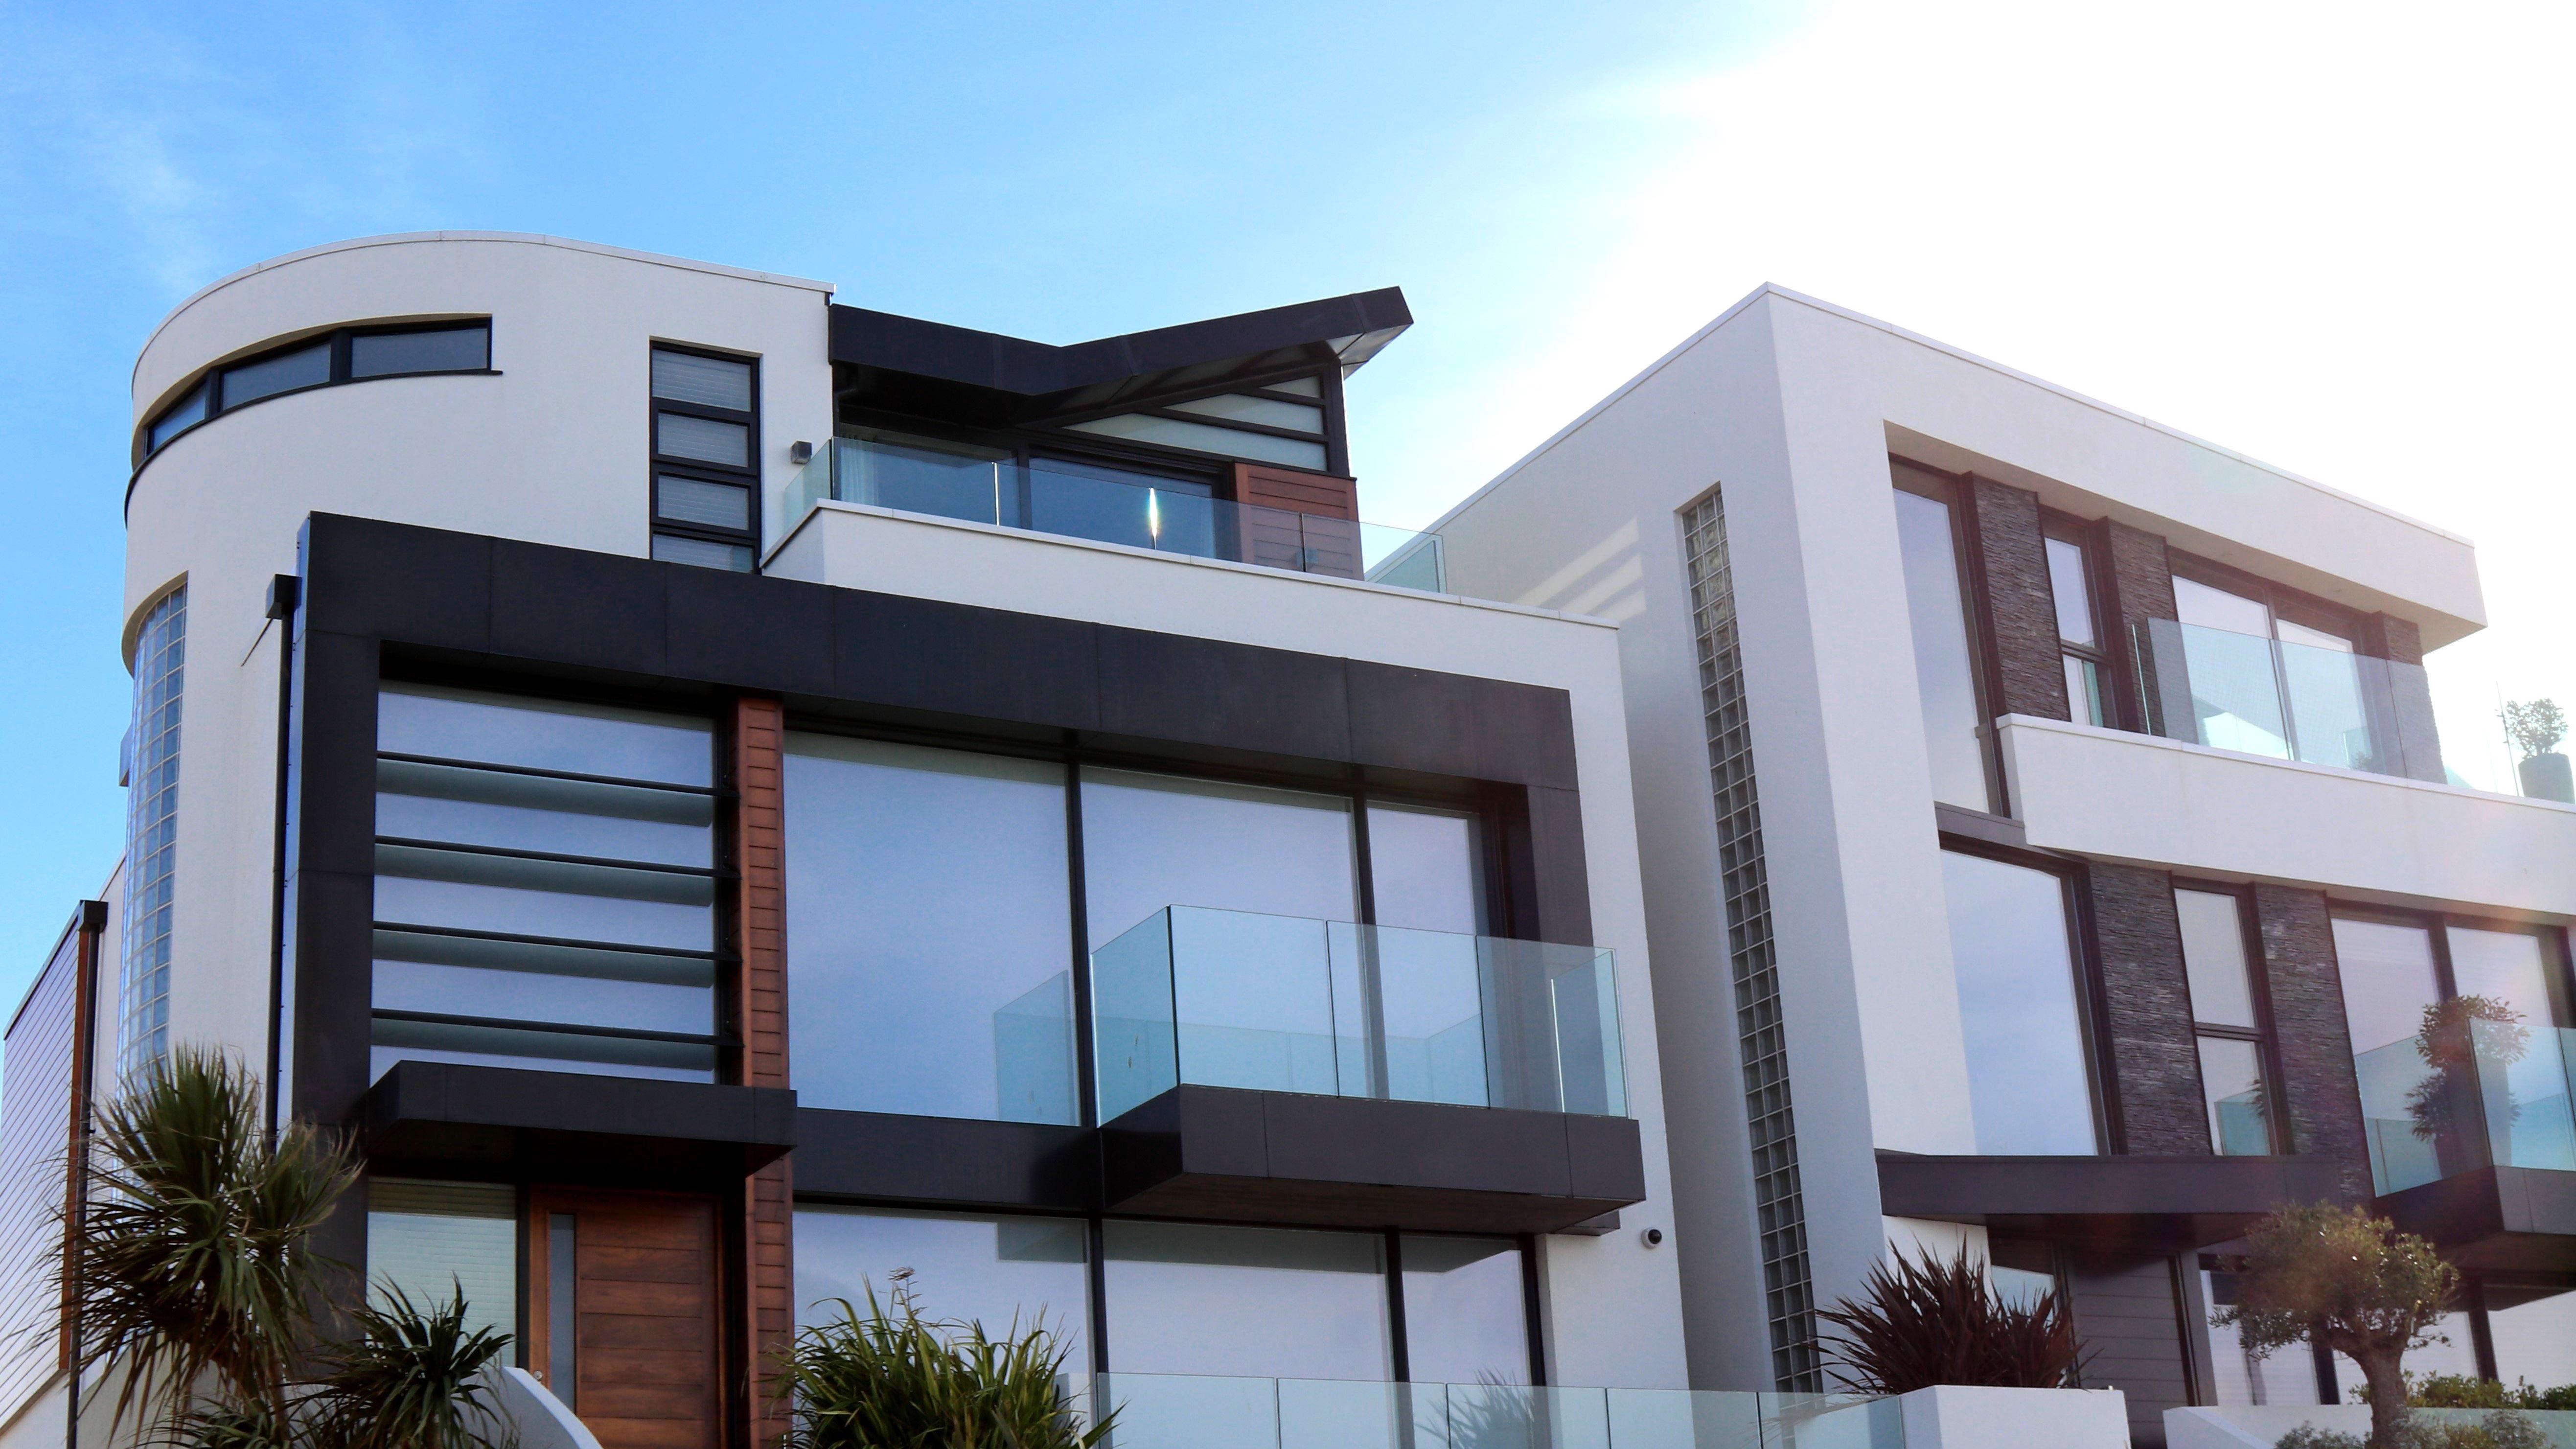 Le lissage de prêt immobilier: qu'est-ce que c'est?